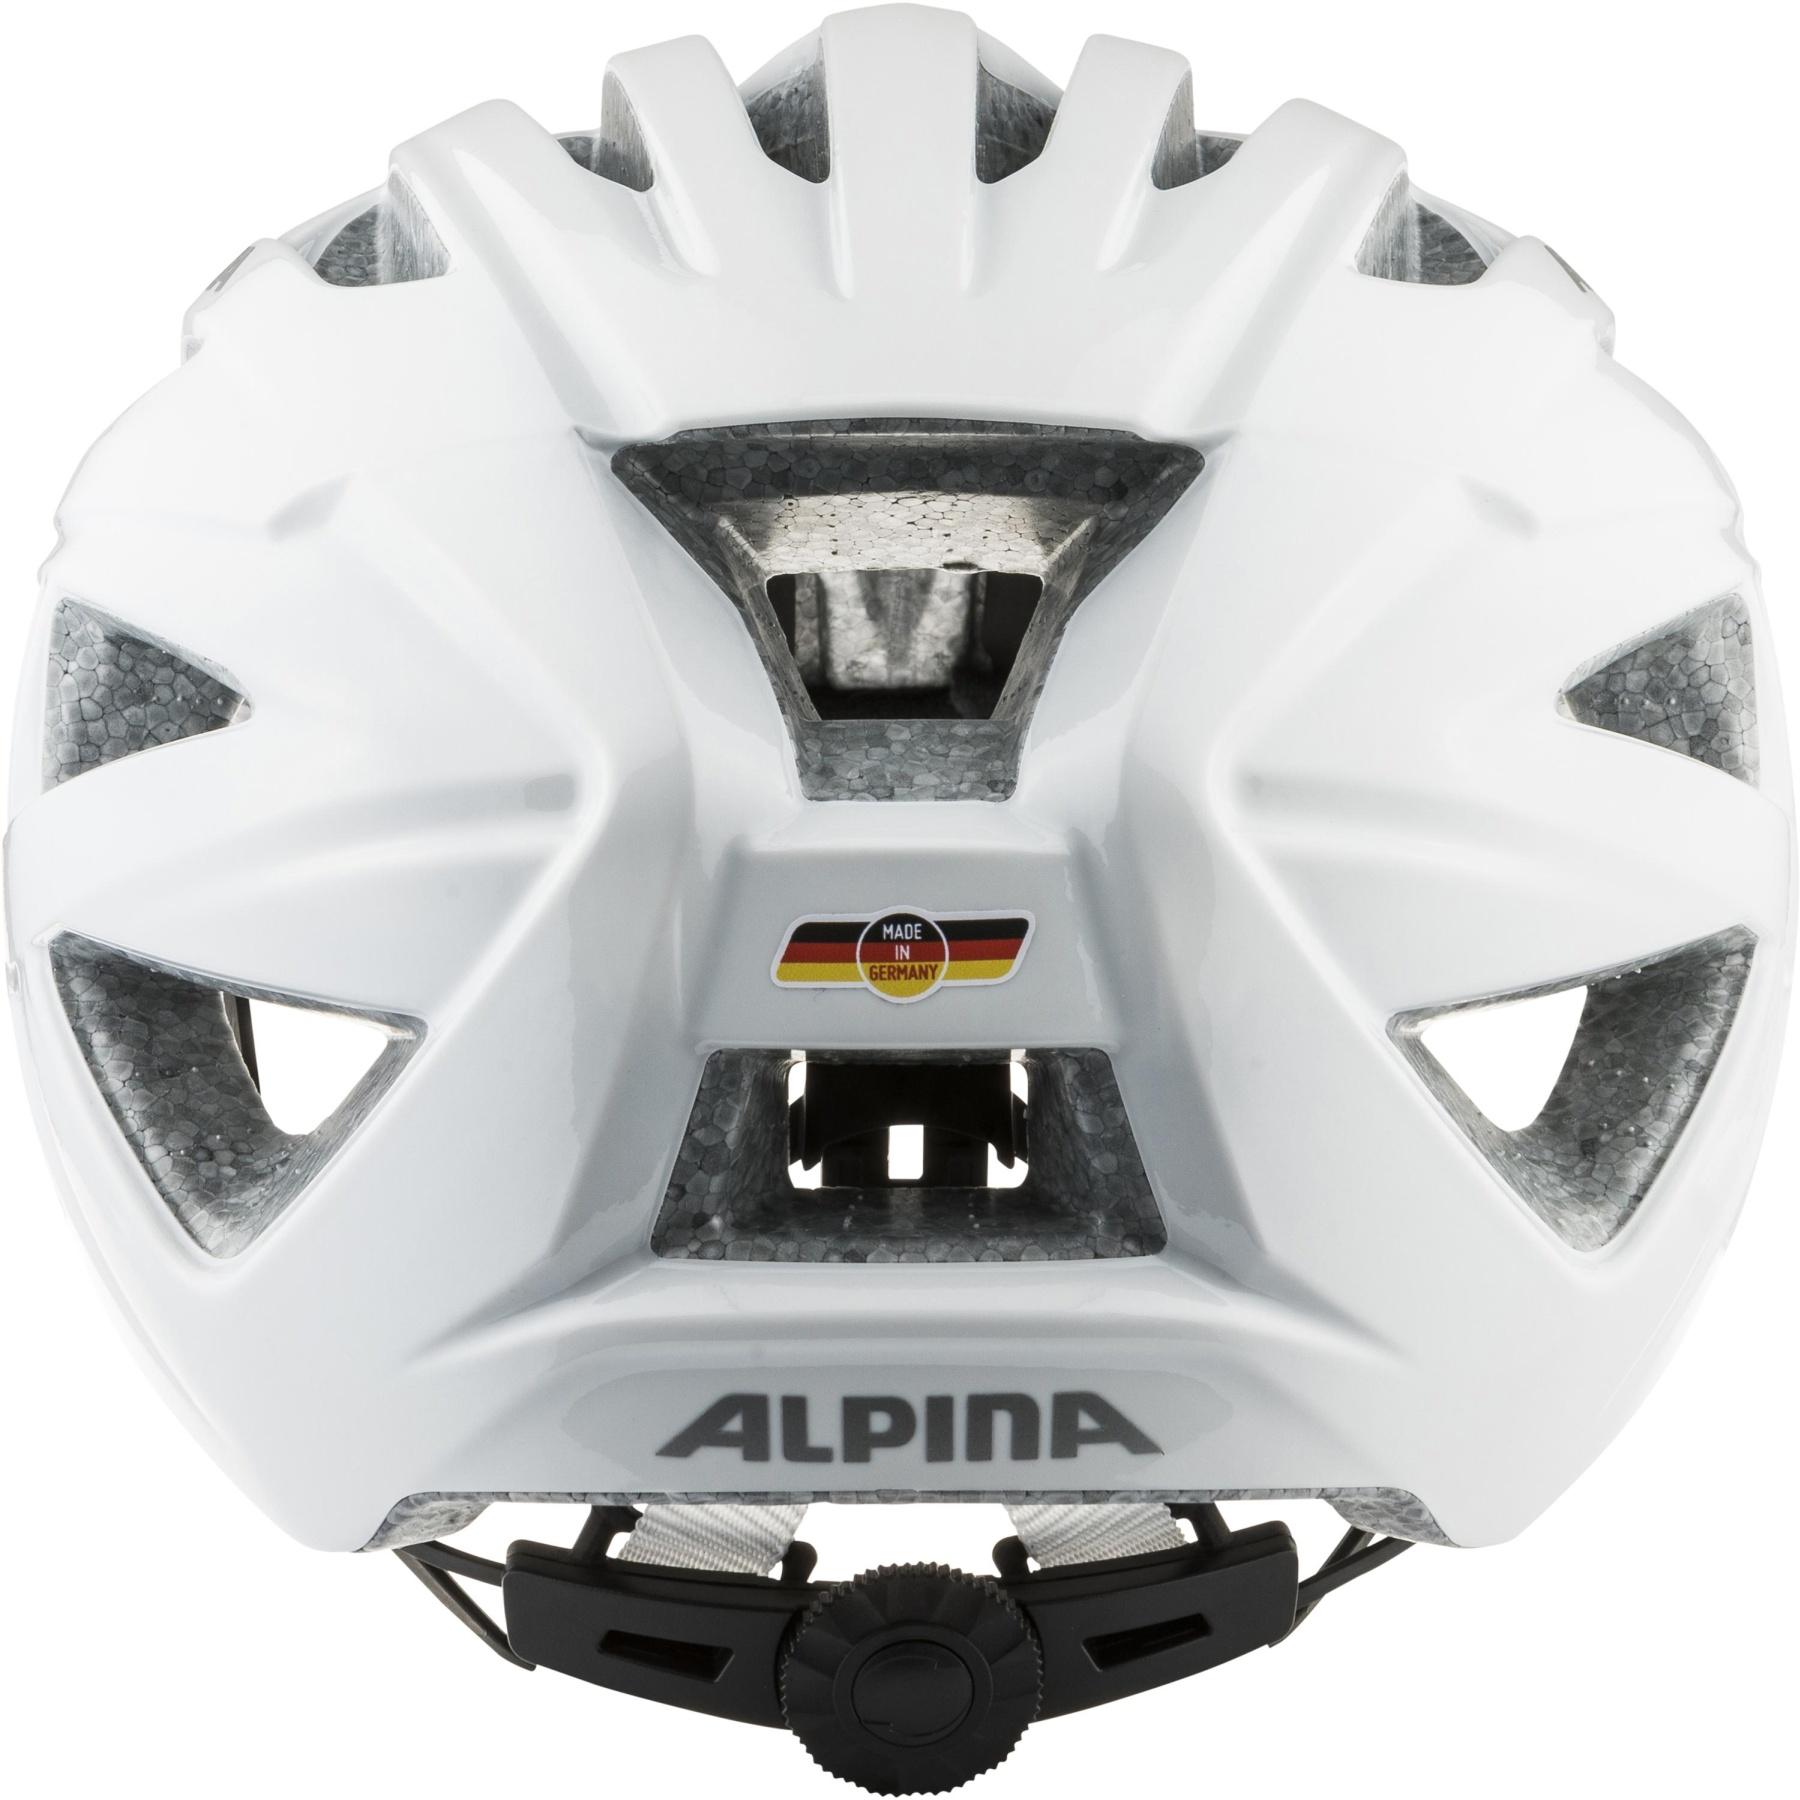 Image of Alpina Parana Helmet - white gloss